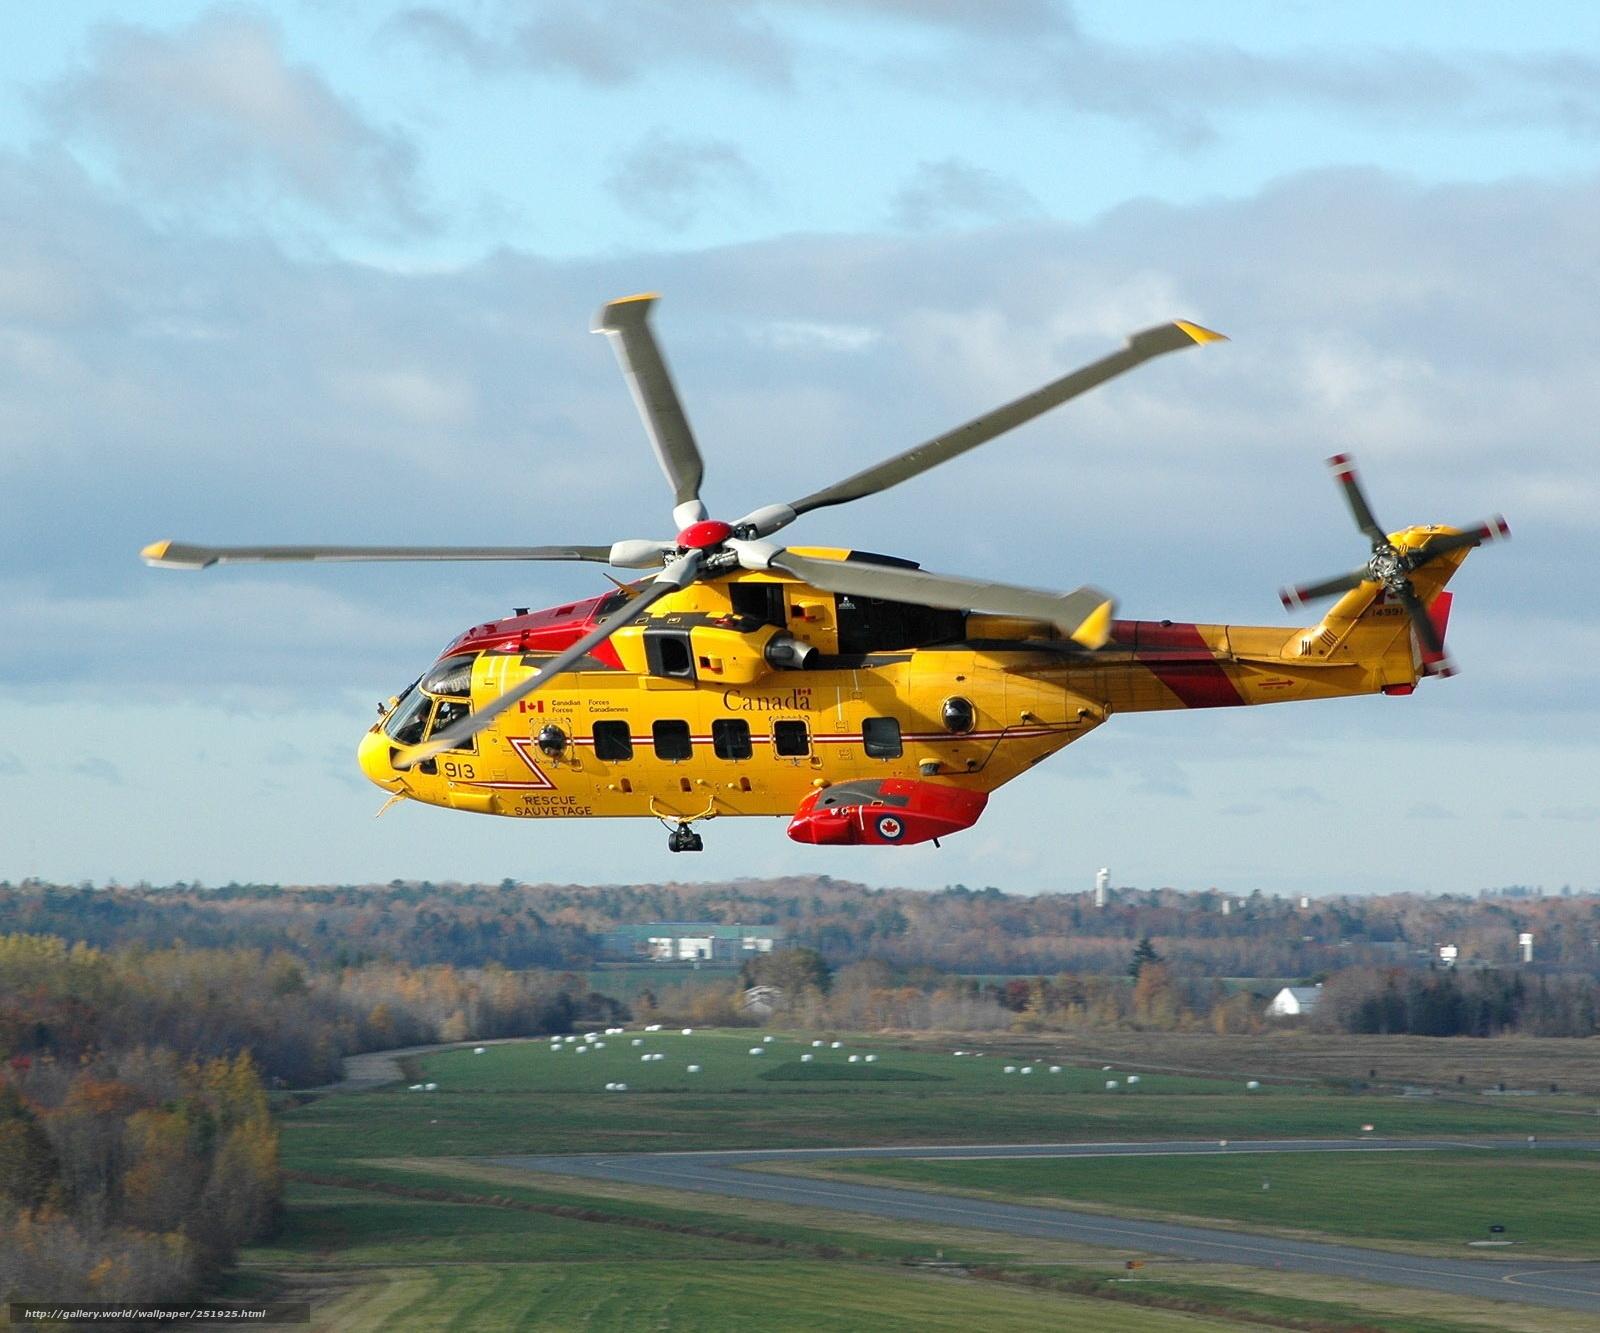 Скачать обои CH-149,   Cormorant,   вертолёт,   полёт бесплатно для рабочего стола в разрешении 1600x1333 — картинка №251925